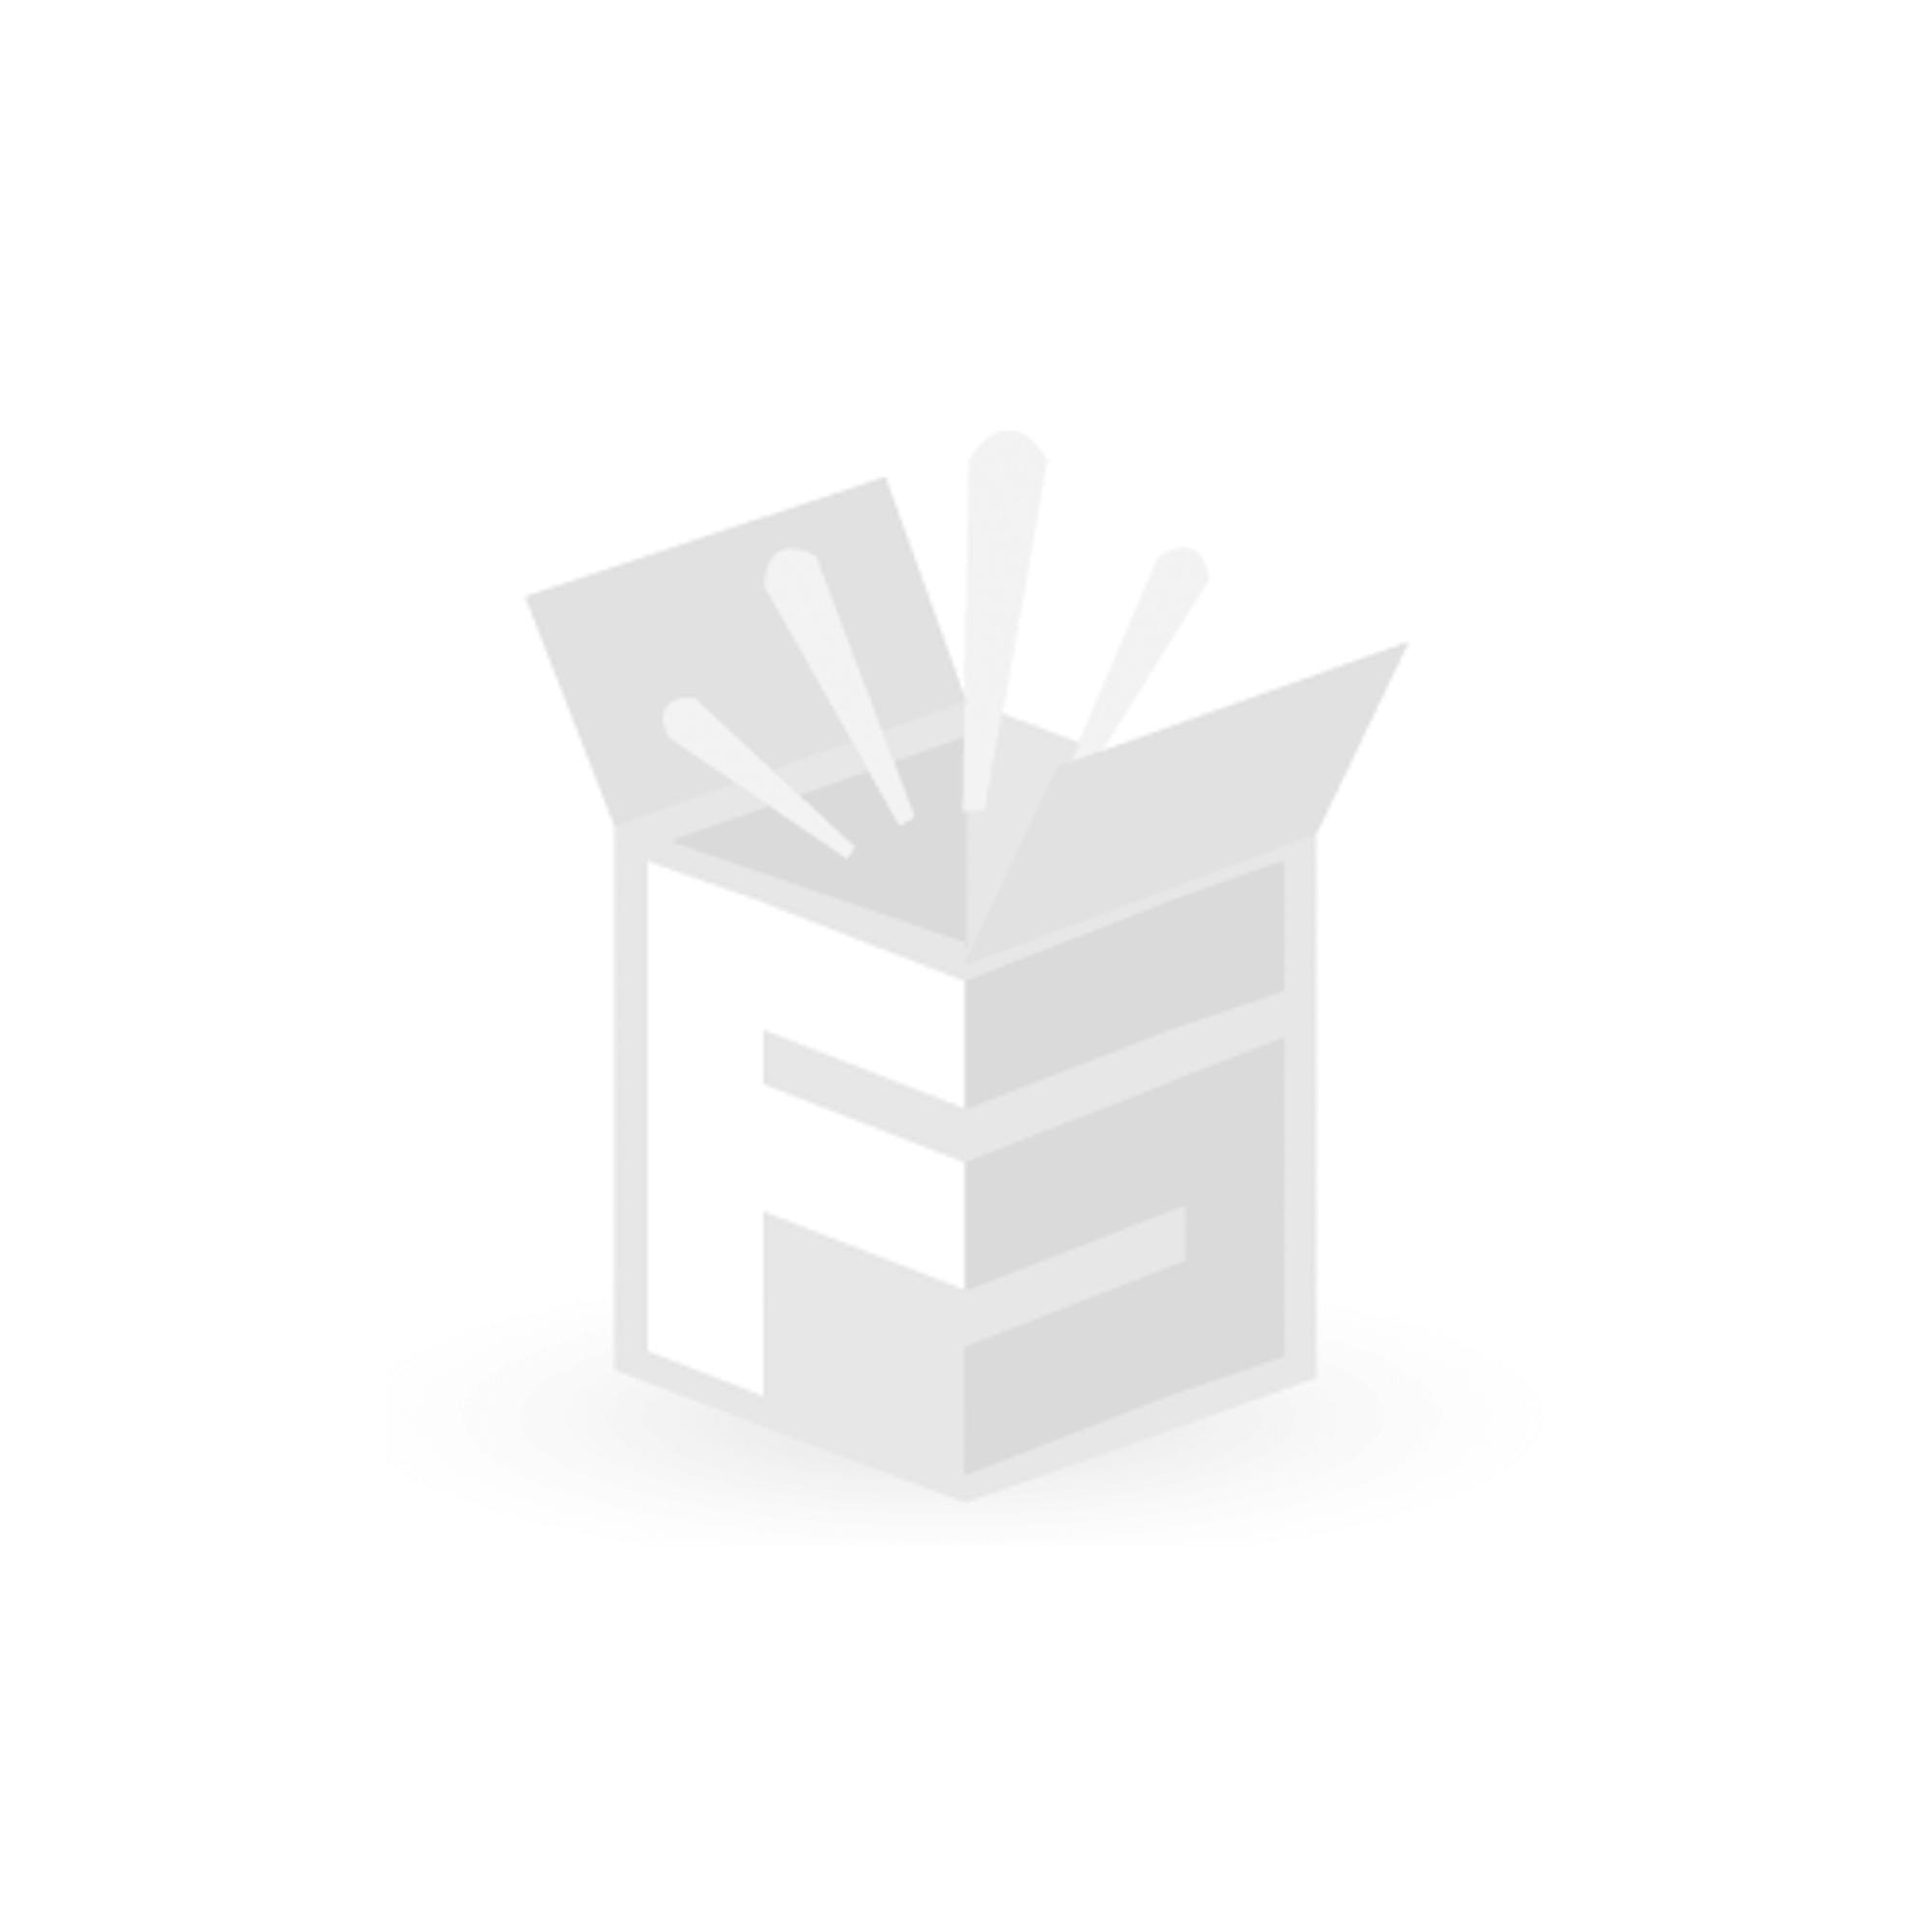 Dameco Bougie LED en cire blanc / argent